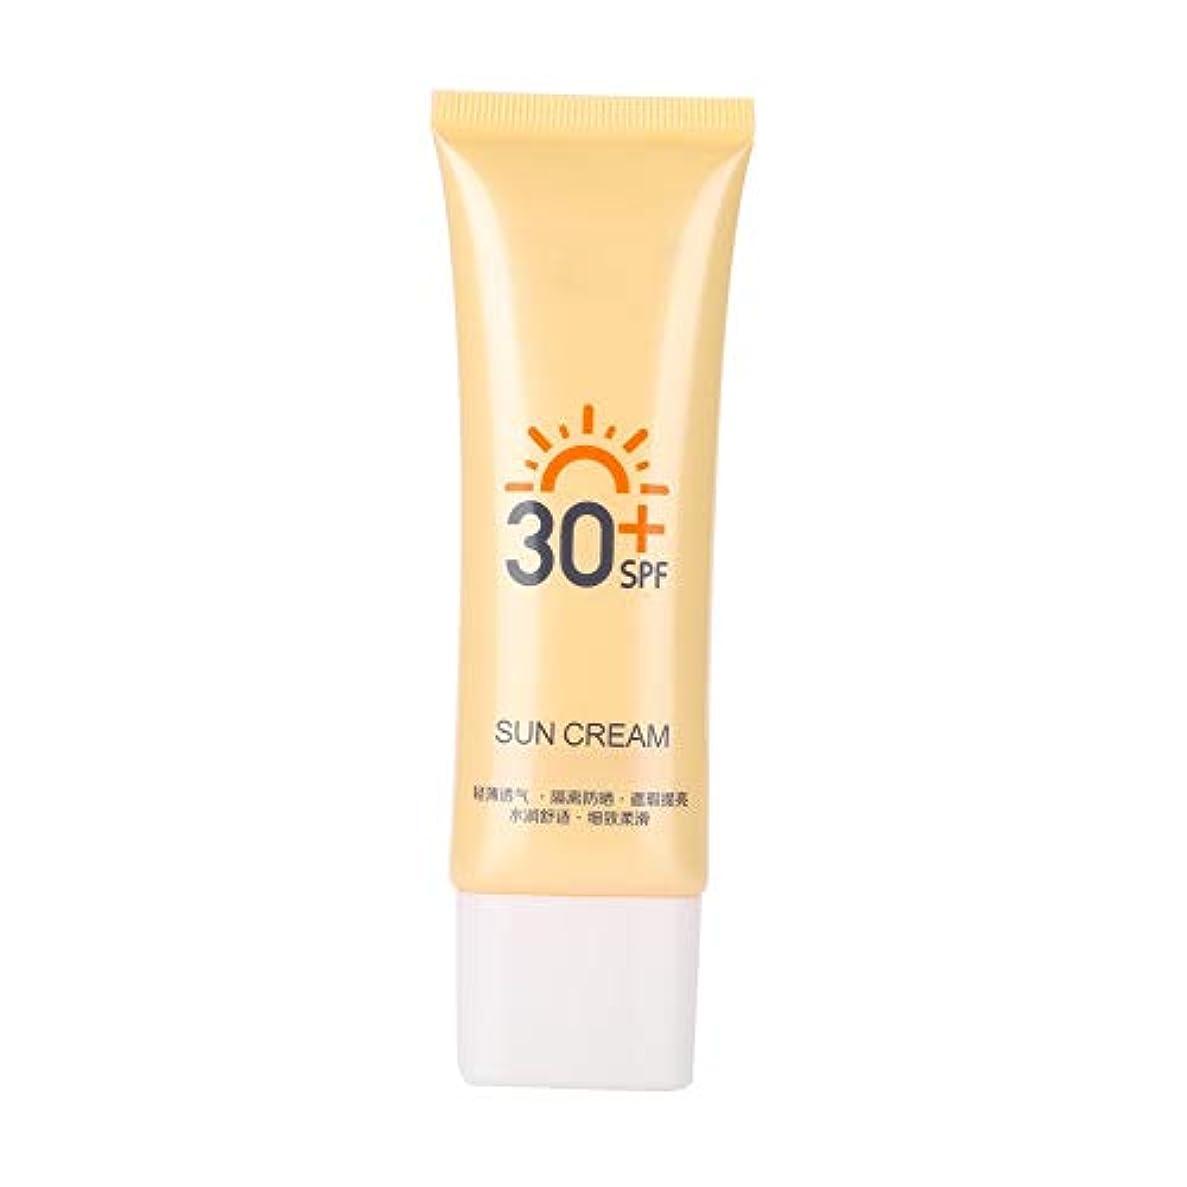 ウミウシ役に立たないクラス日焼け止め、日焼け止め、日焼け止めを白くする、保湿日焼け止めをする、さわやかで潤いを与える保湿日焼け止めを塗る、撥水および汗止め、分離40g